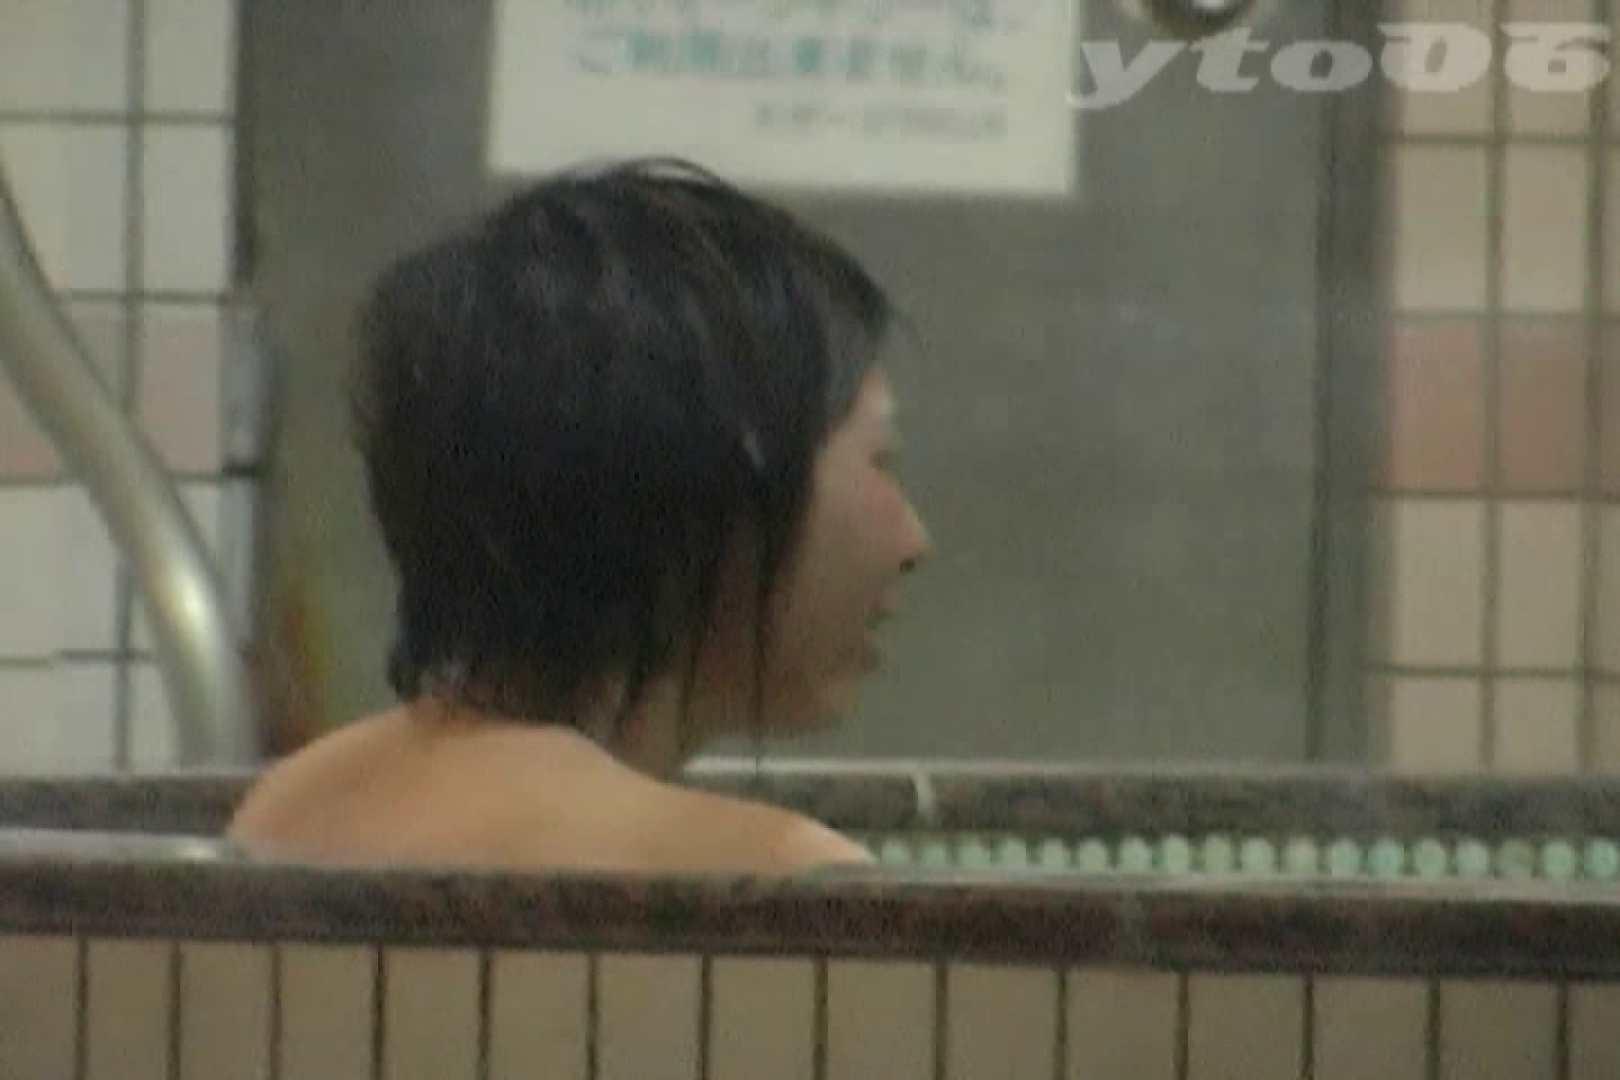 ▲復活限定▲合宿ホテル女風呂盗撮 Vol.35 OLのボディ ヌード画像 81PIX 56